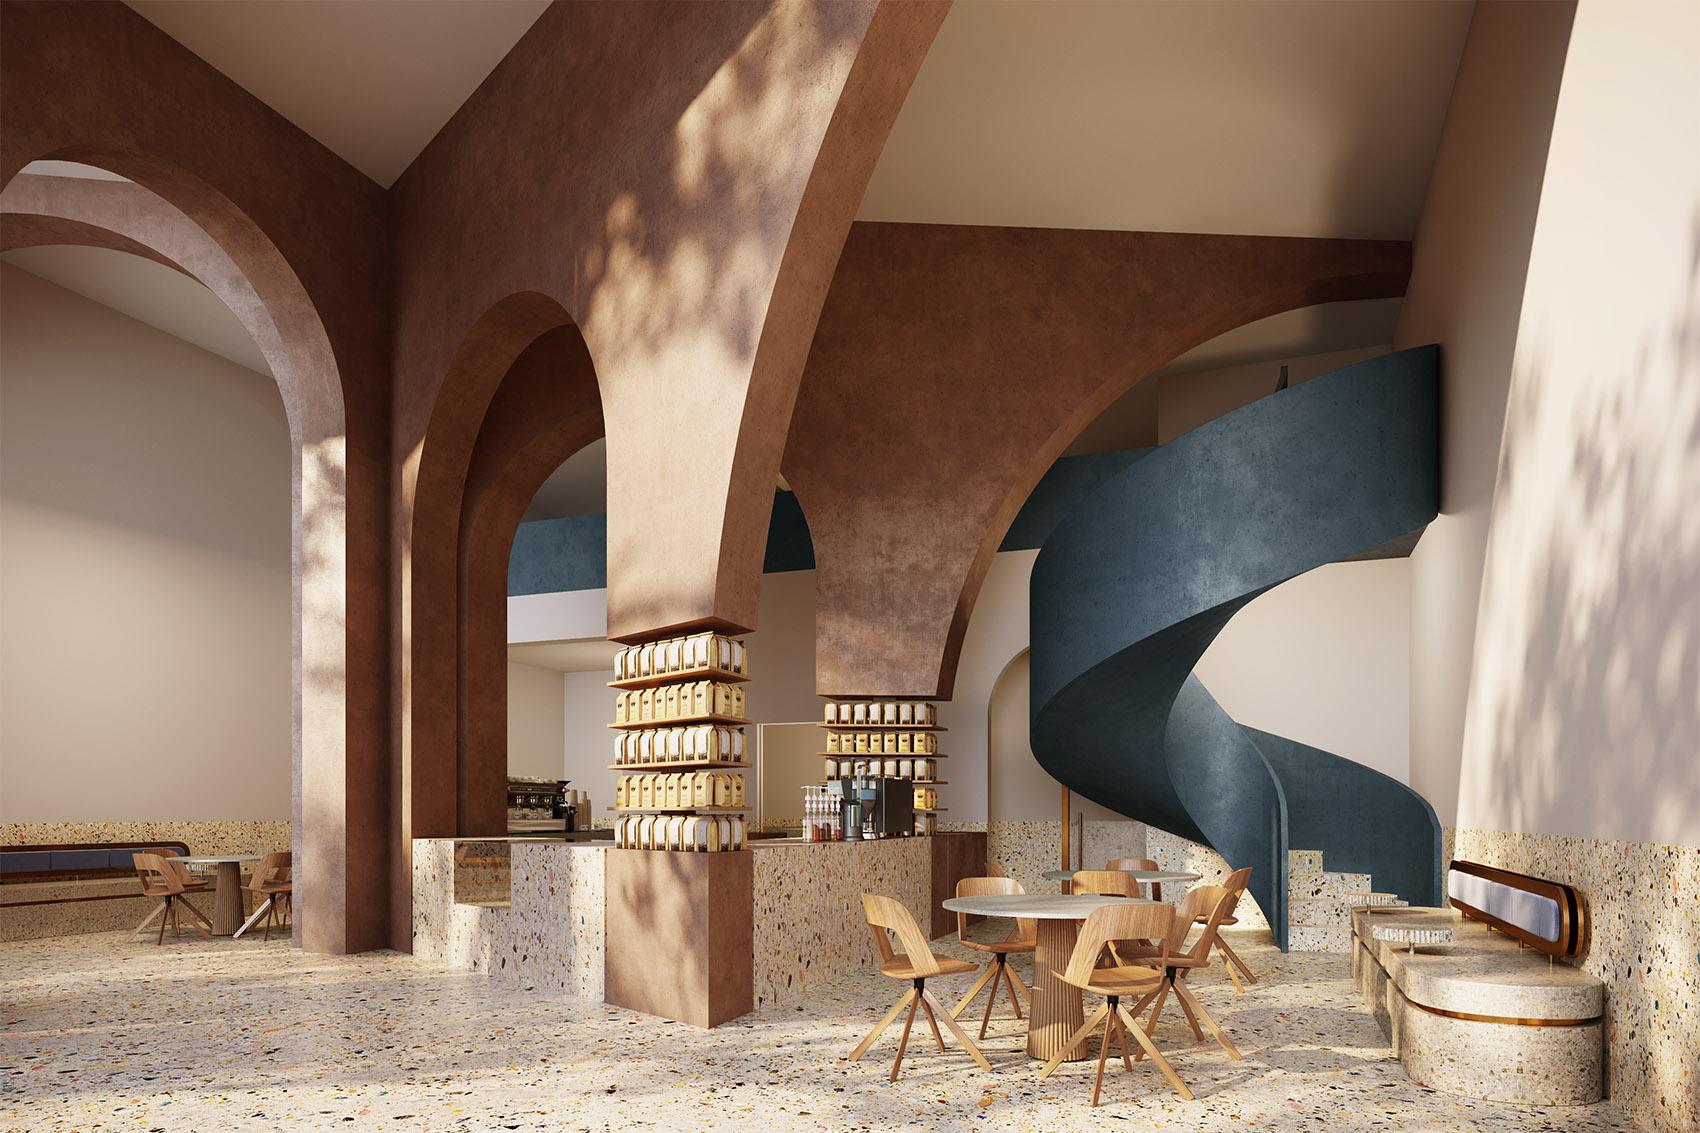 003-deco-temple-elixir-bunn-coffee-roasters-by-azaz-architects.jpg